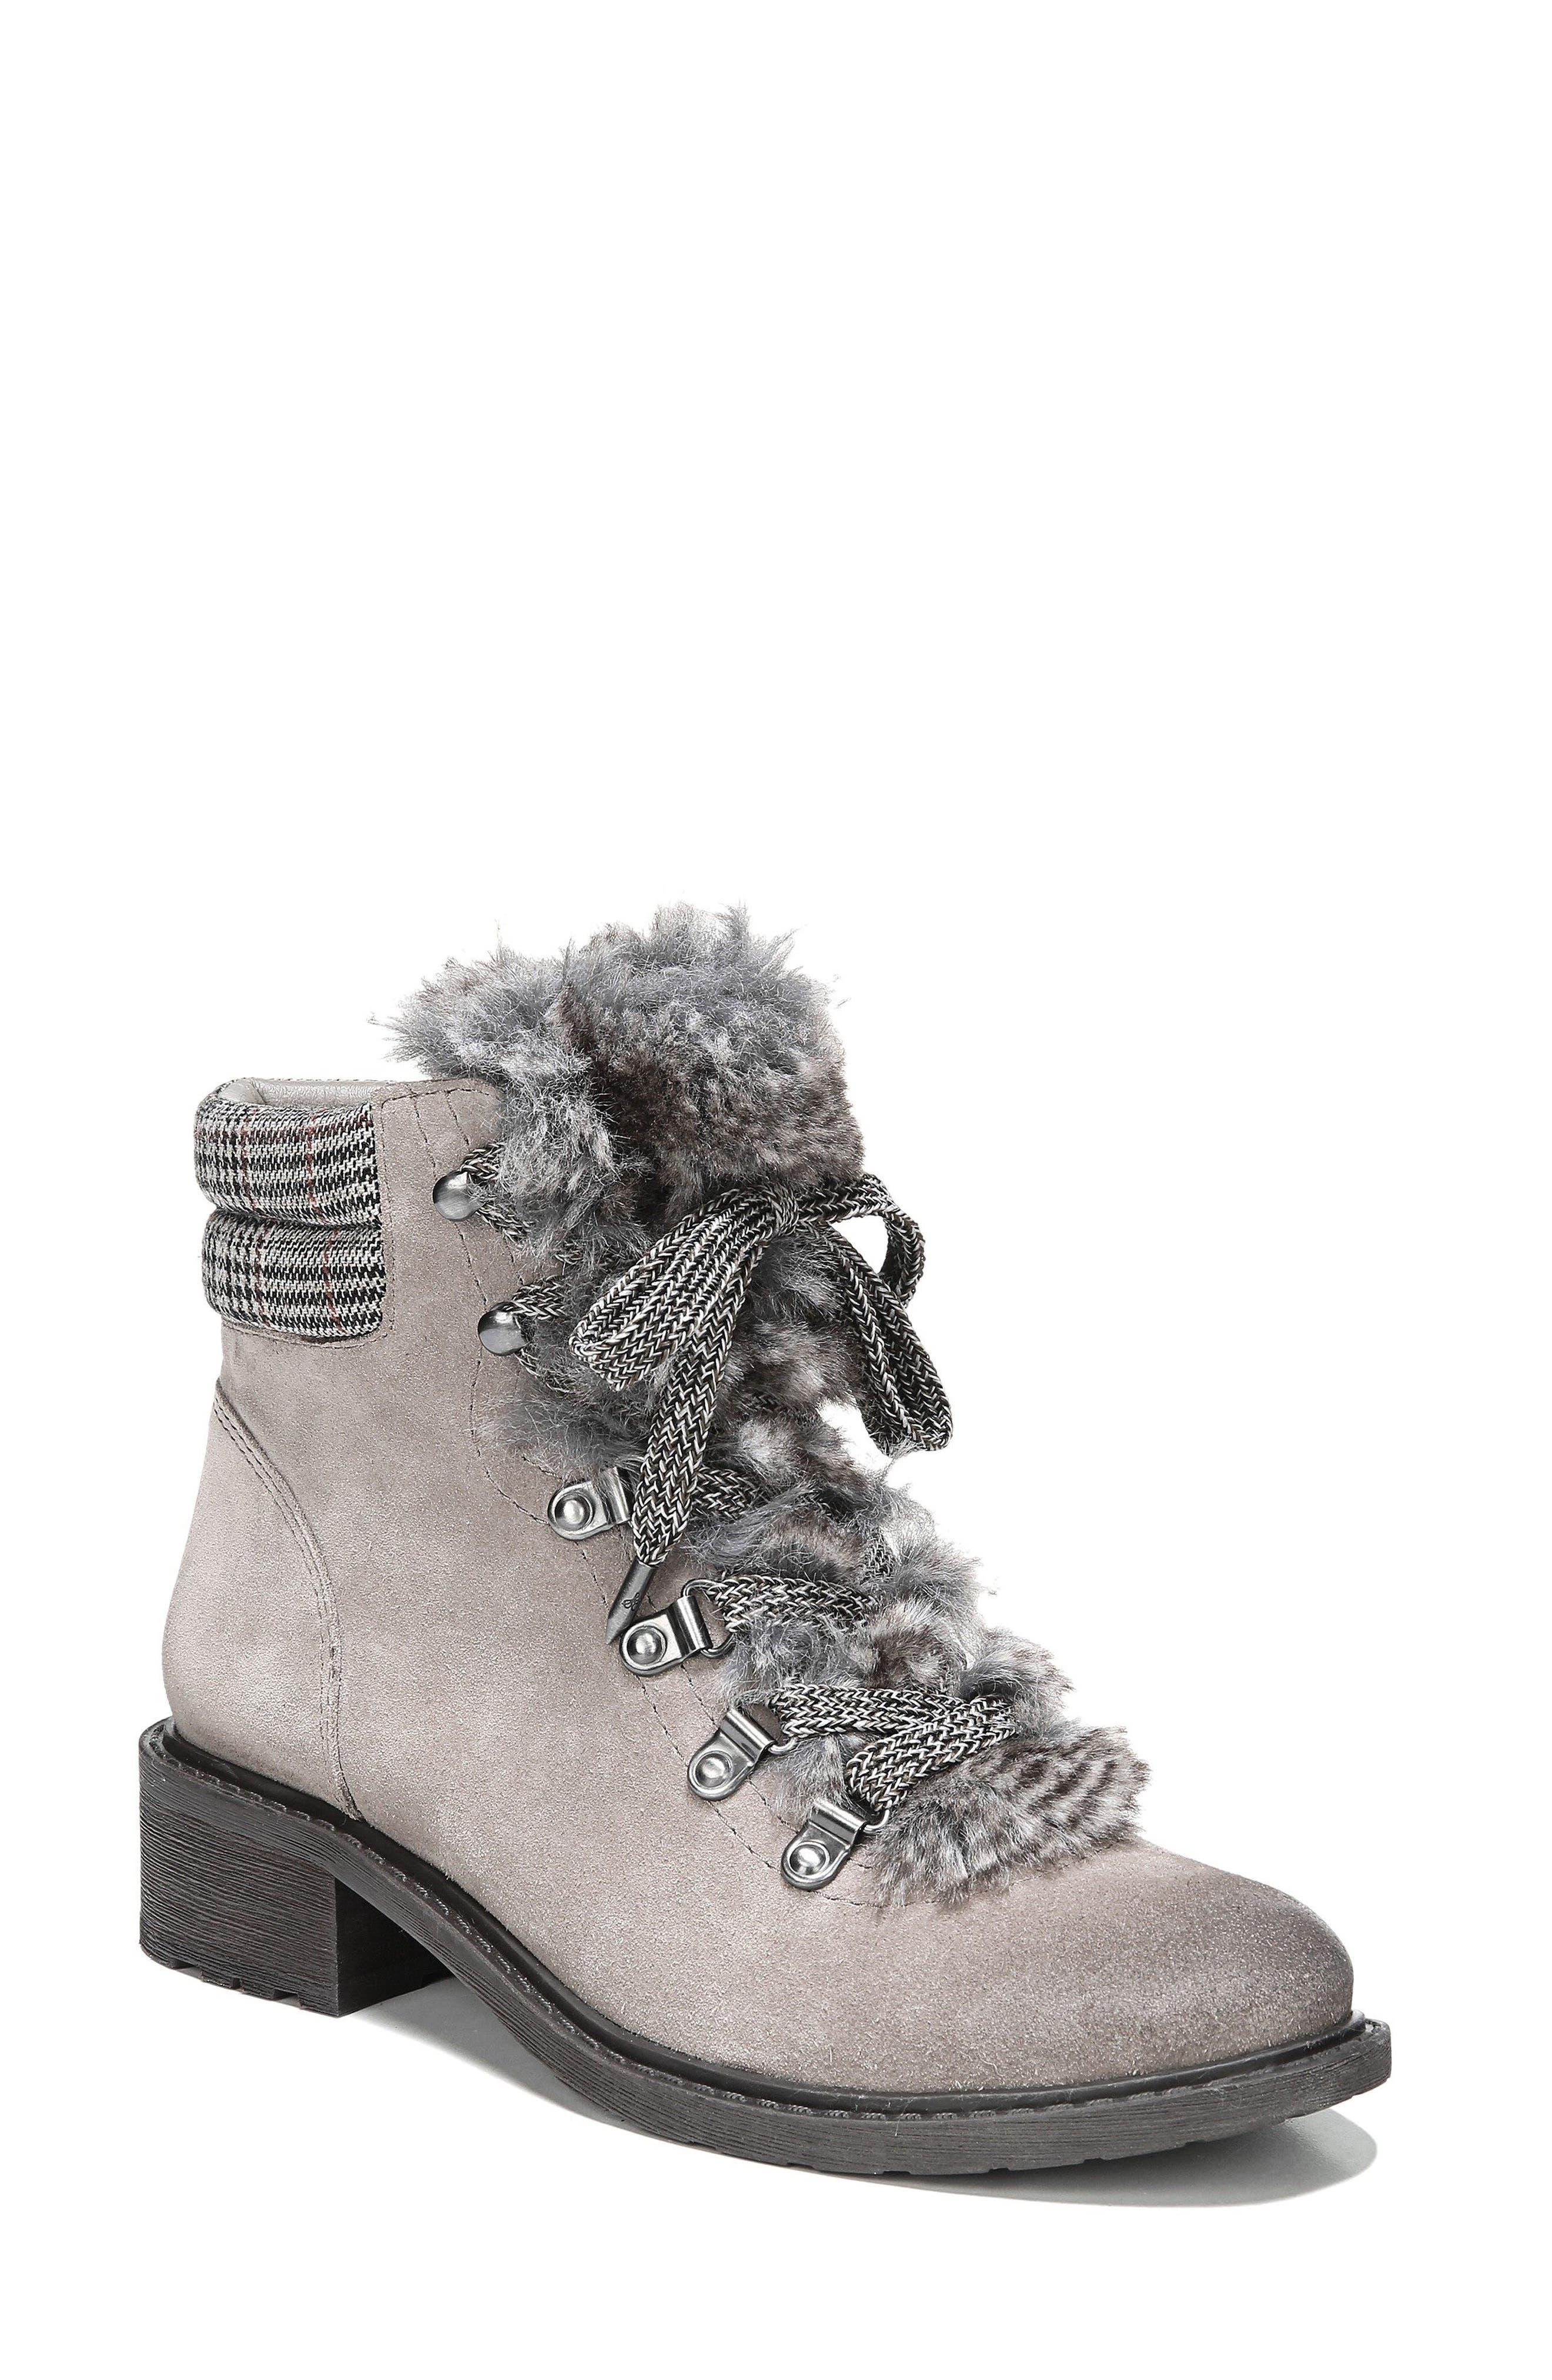 Alternate Image 1 Selected - Sam Edelman Darrah 2 Faux Fur Trim Boot (Women)